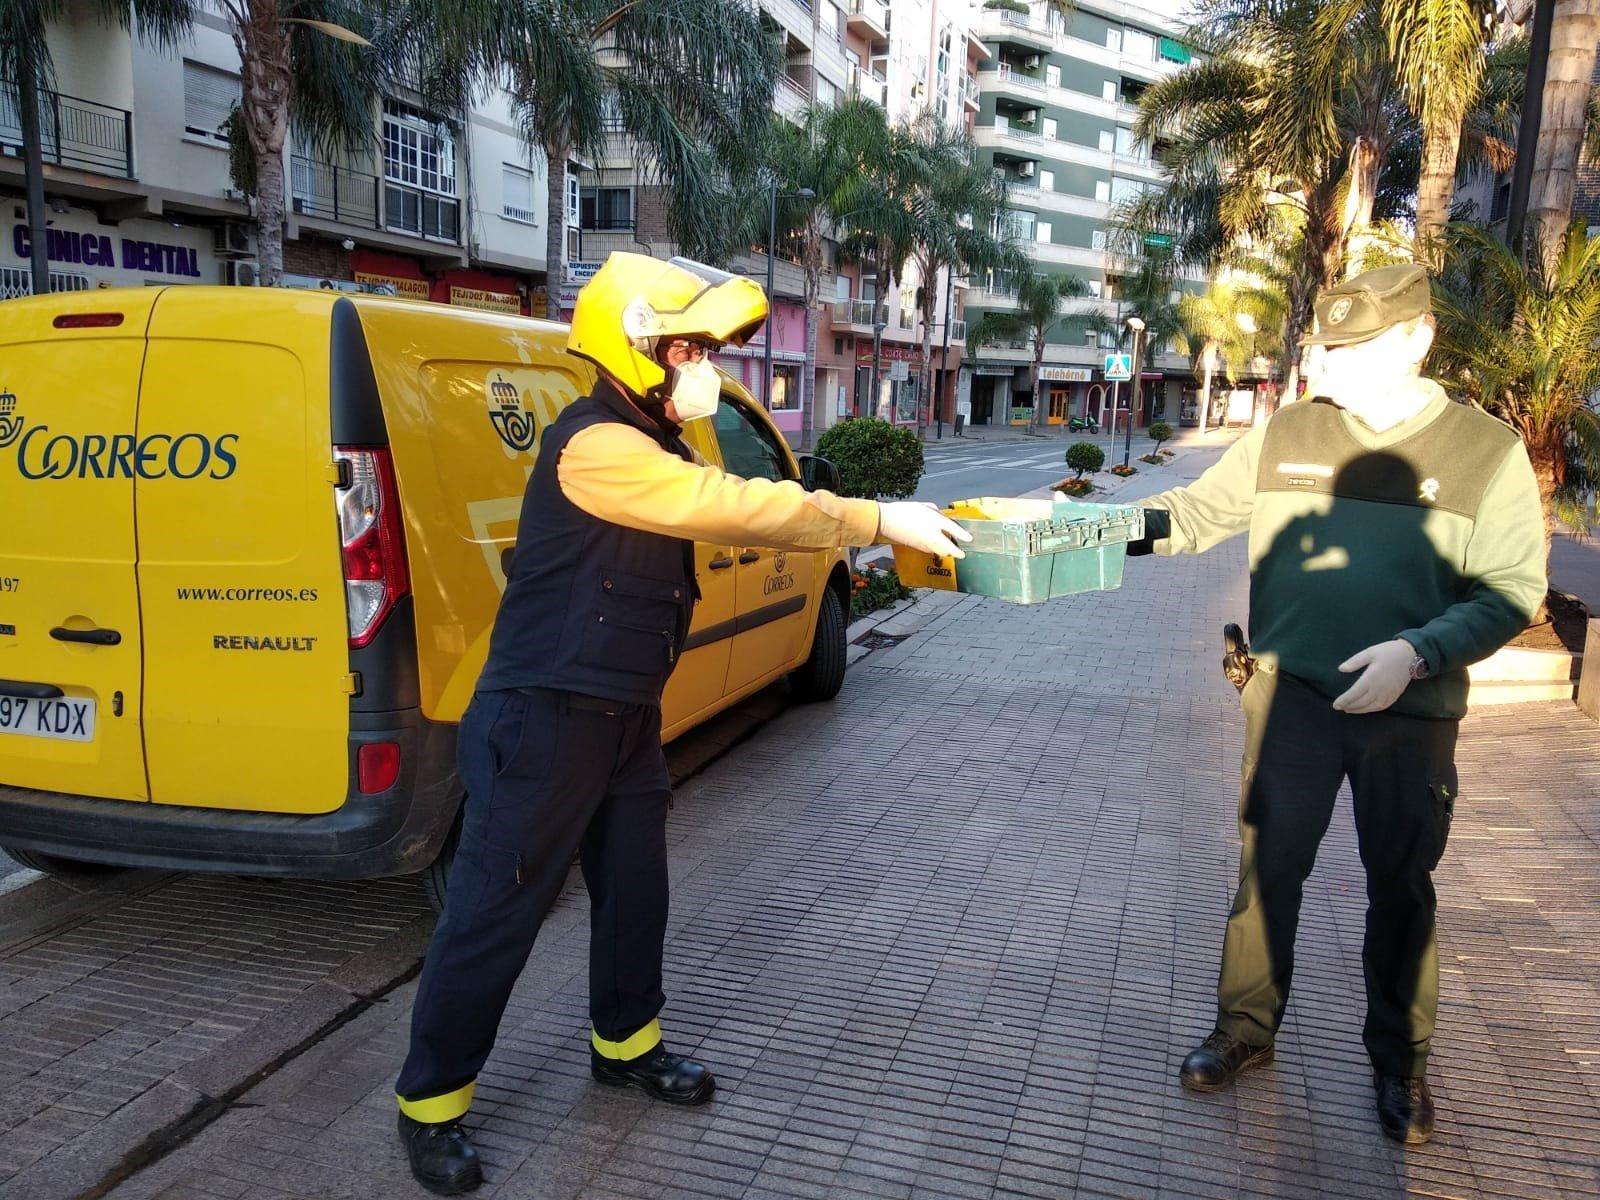 CCOO y UGT denuncian el desmantelamiento del servicio de Correos en Pulianas